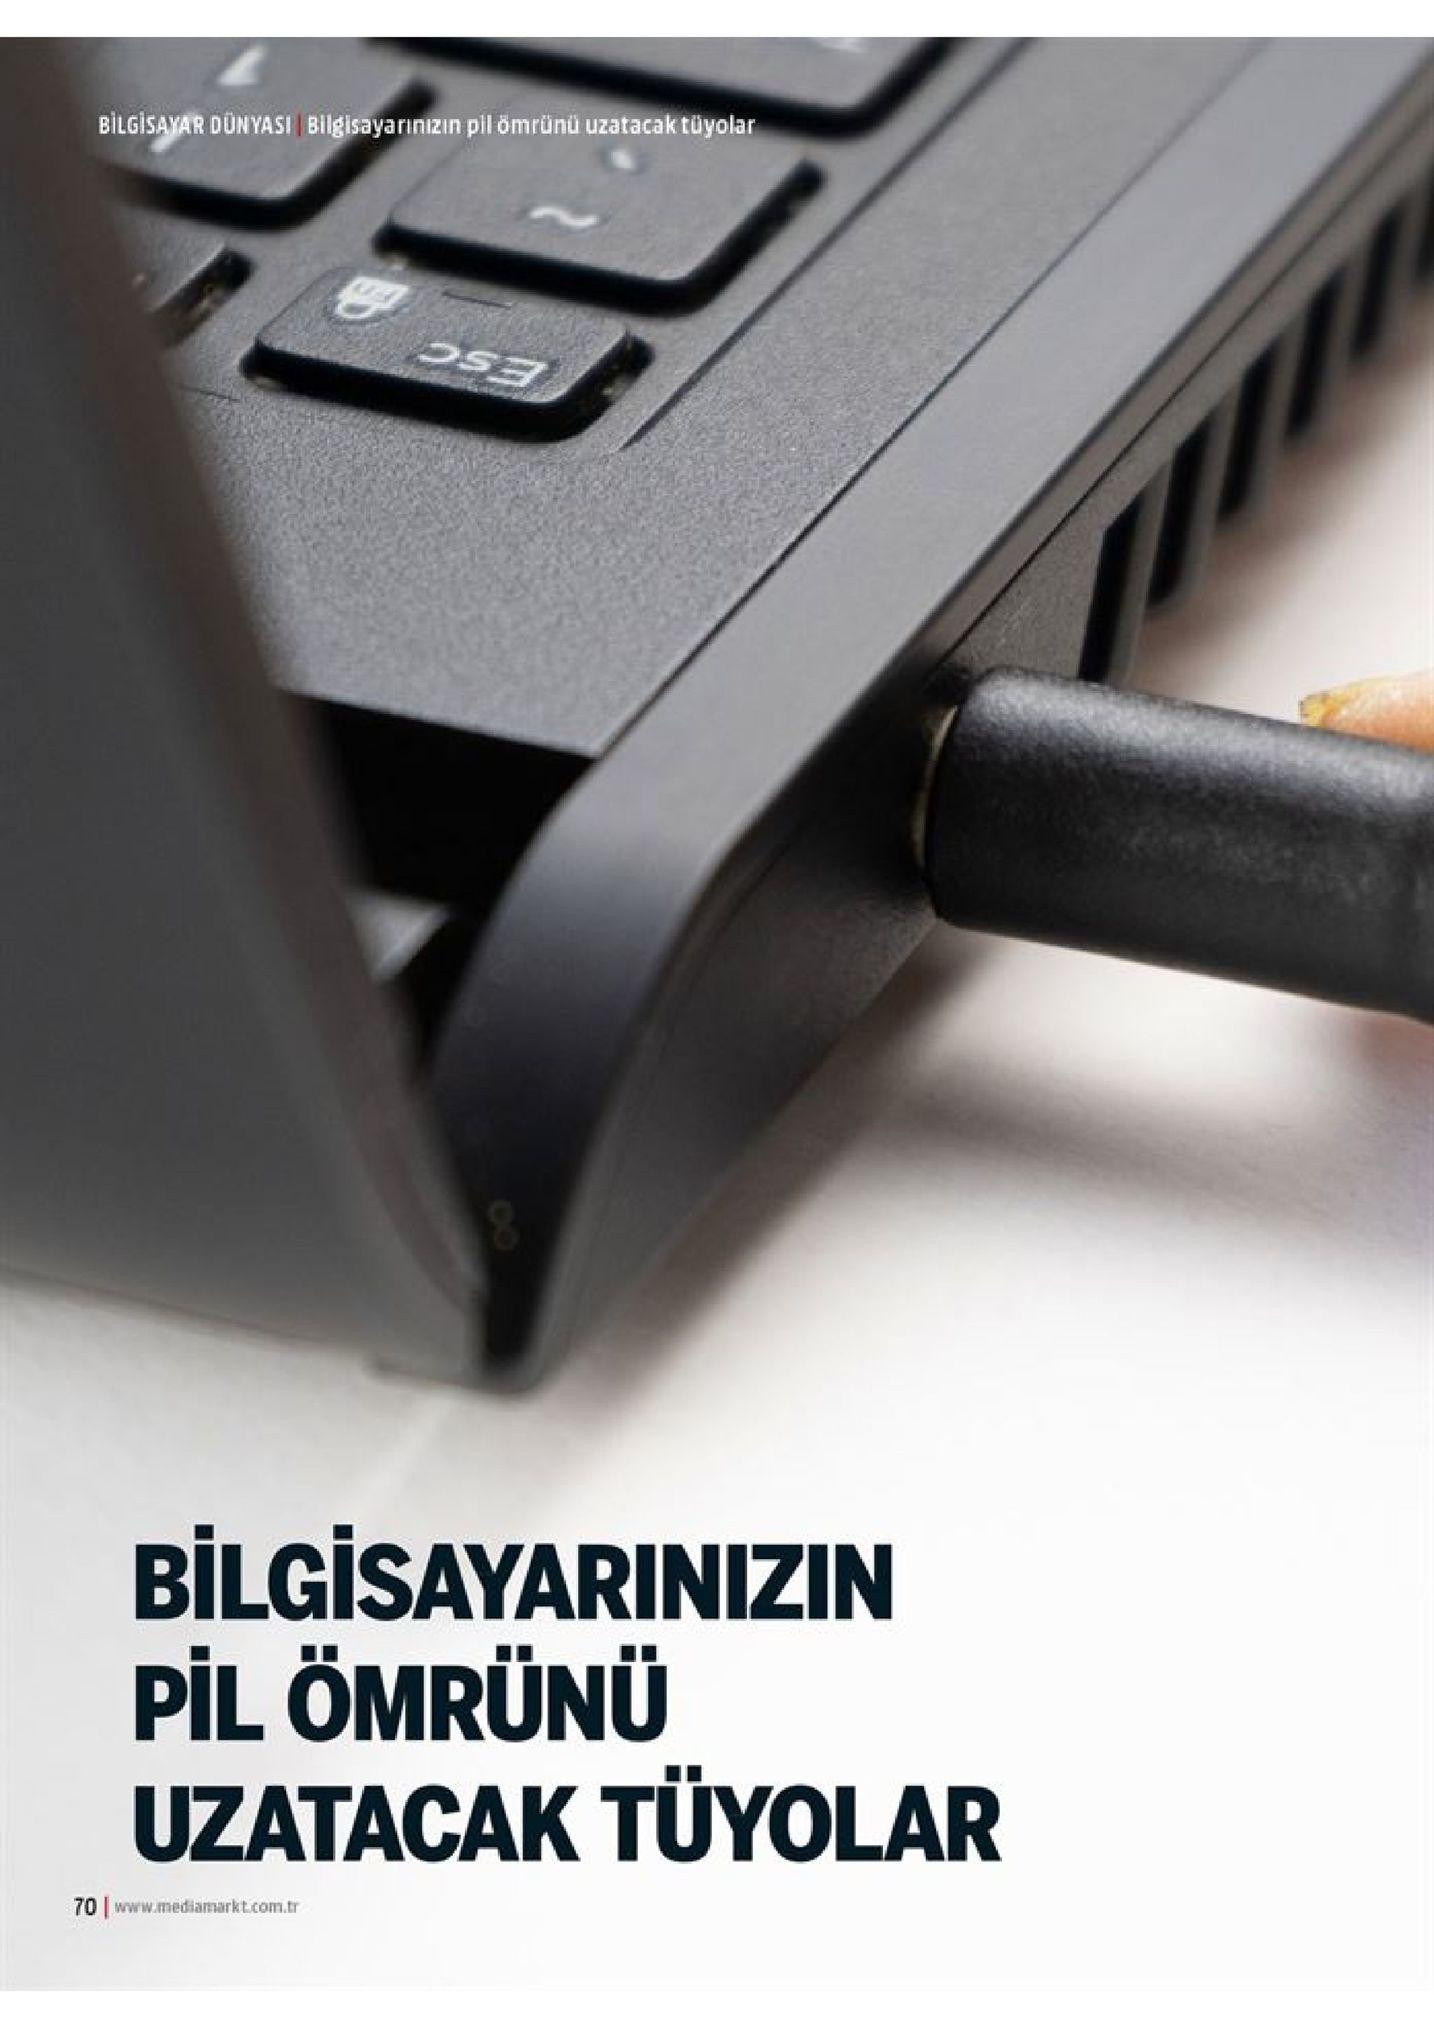 bilgisayar dunyasi bilgisayarınizın pil ömrünü uzatacak tüyolar bilgisayarinizin pil ömrünü uzatacak tüyolar 70 www.mediamarkt.com.tr